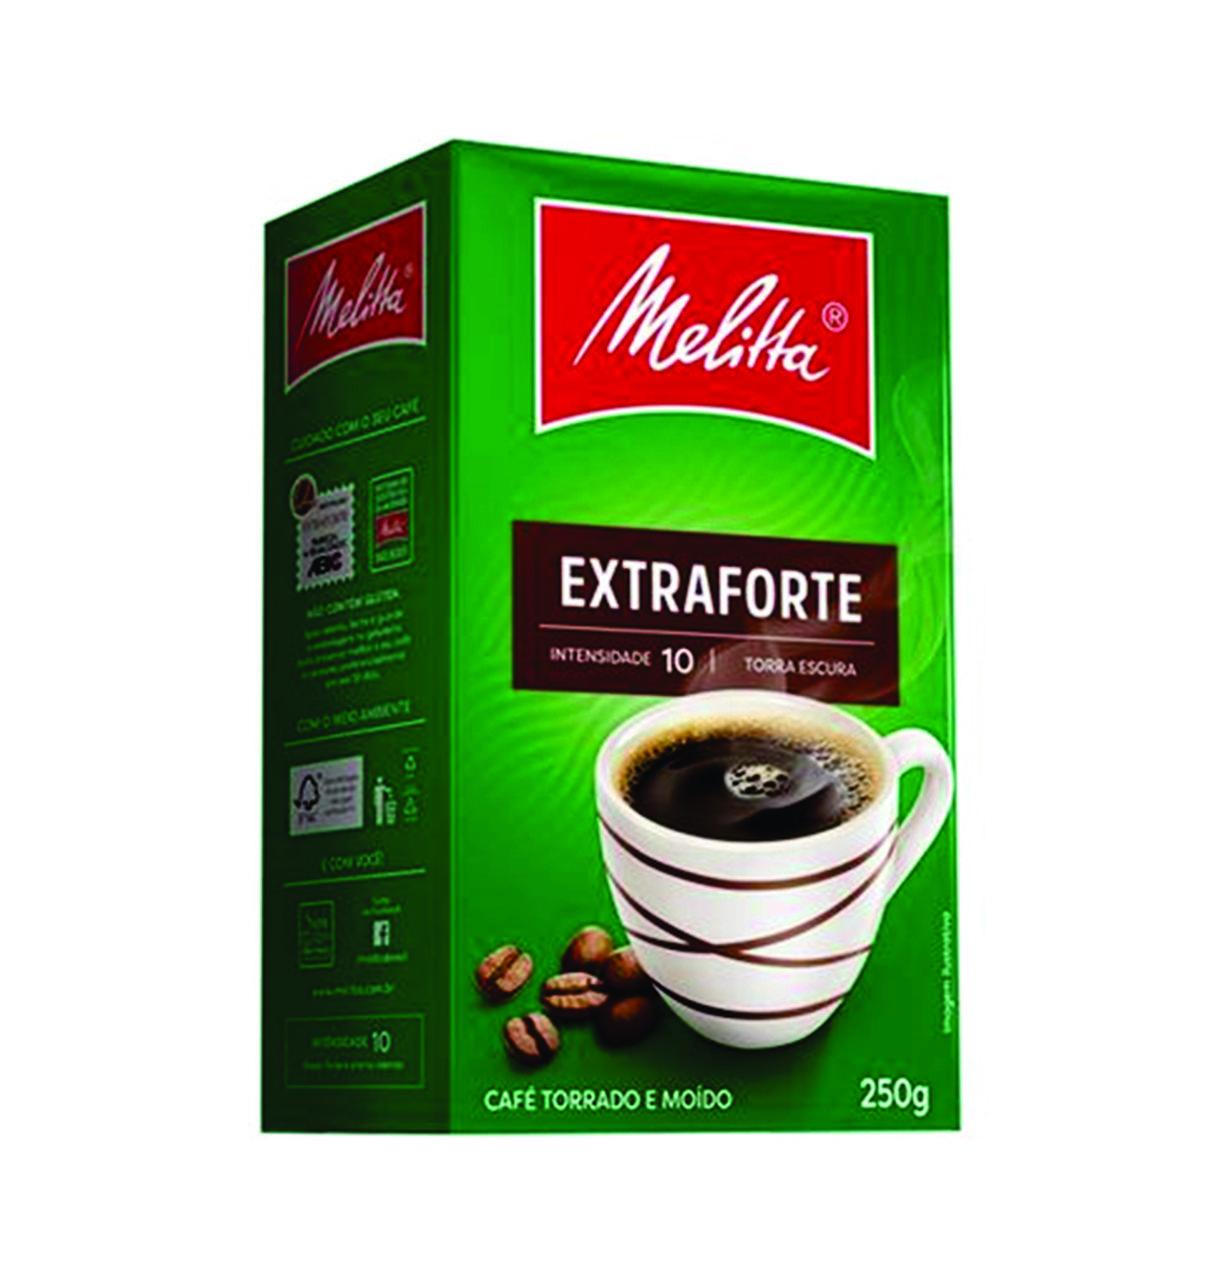 CAFÉ TORRADO MOÍDO EXTRAFORTE MELITTA 250G